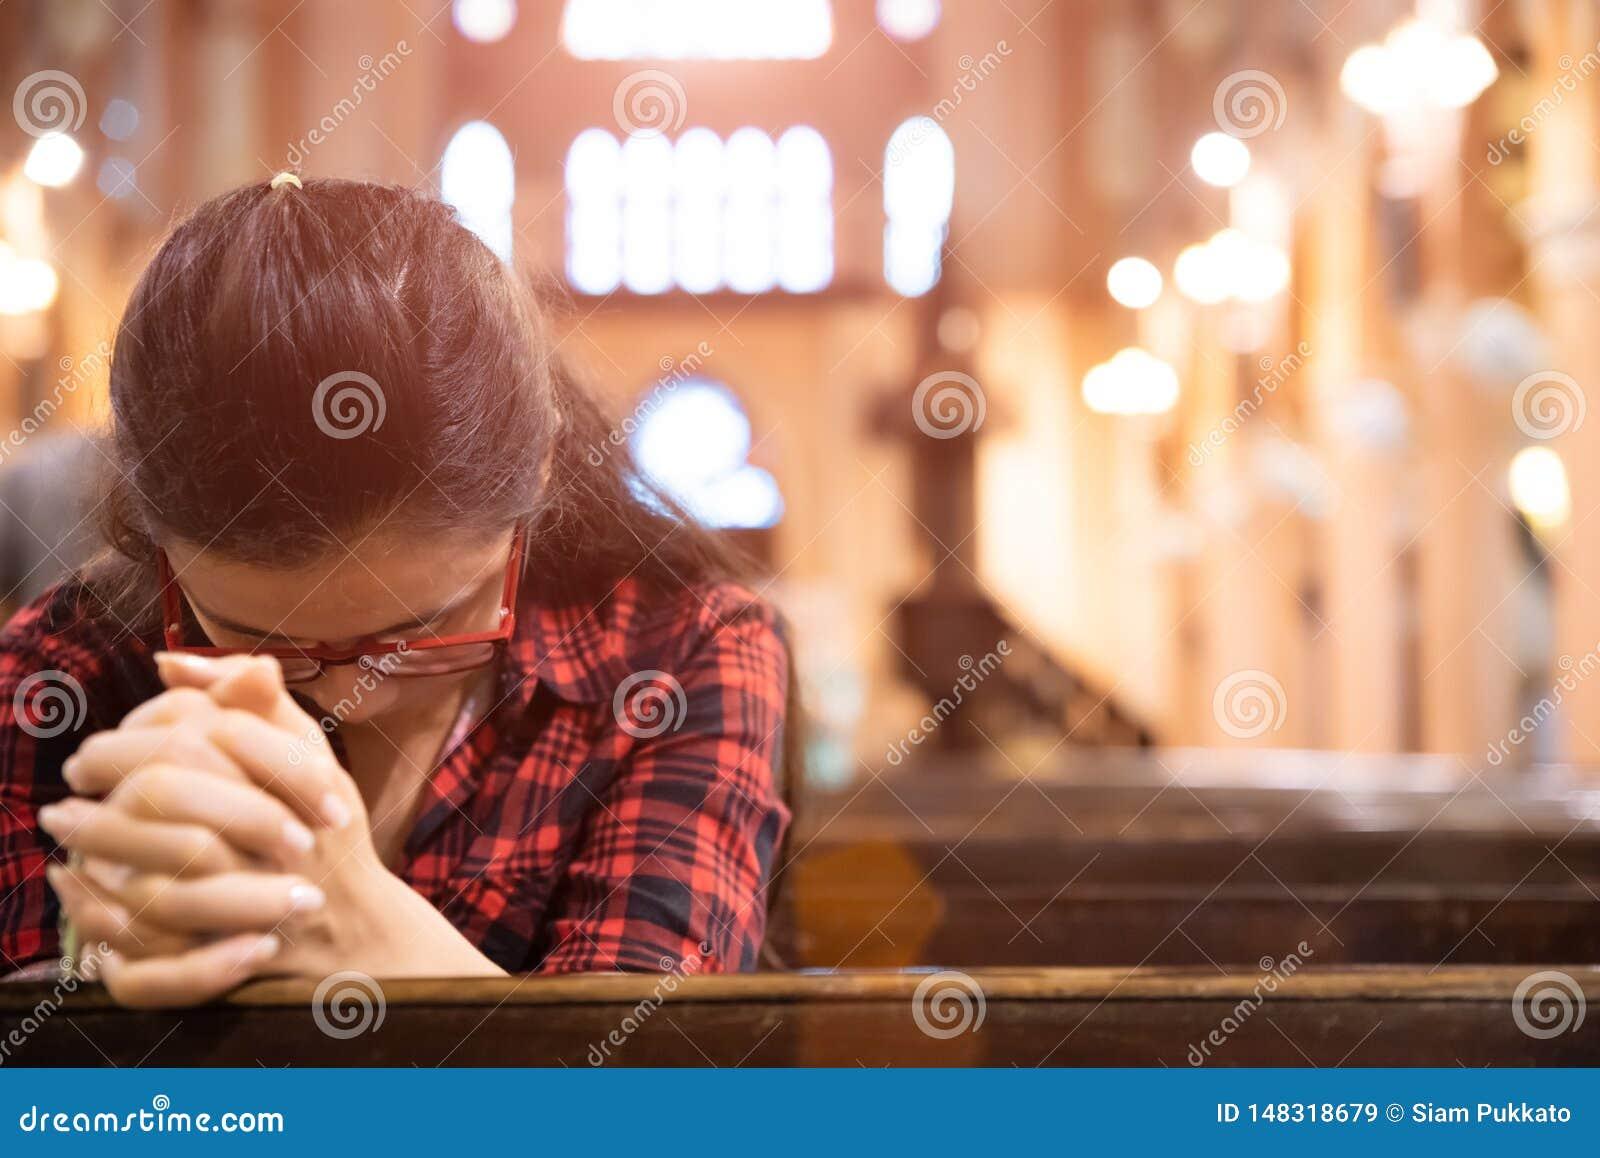 Молодая женщина сидит на стенде в церков и молит к богу Руки сложенные в концепции молитве для веры